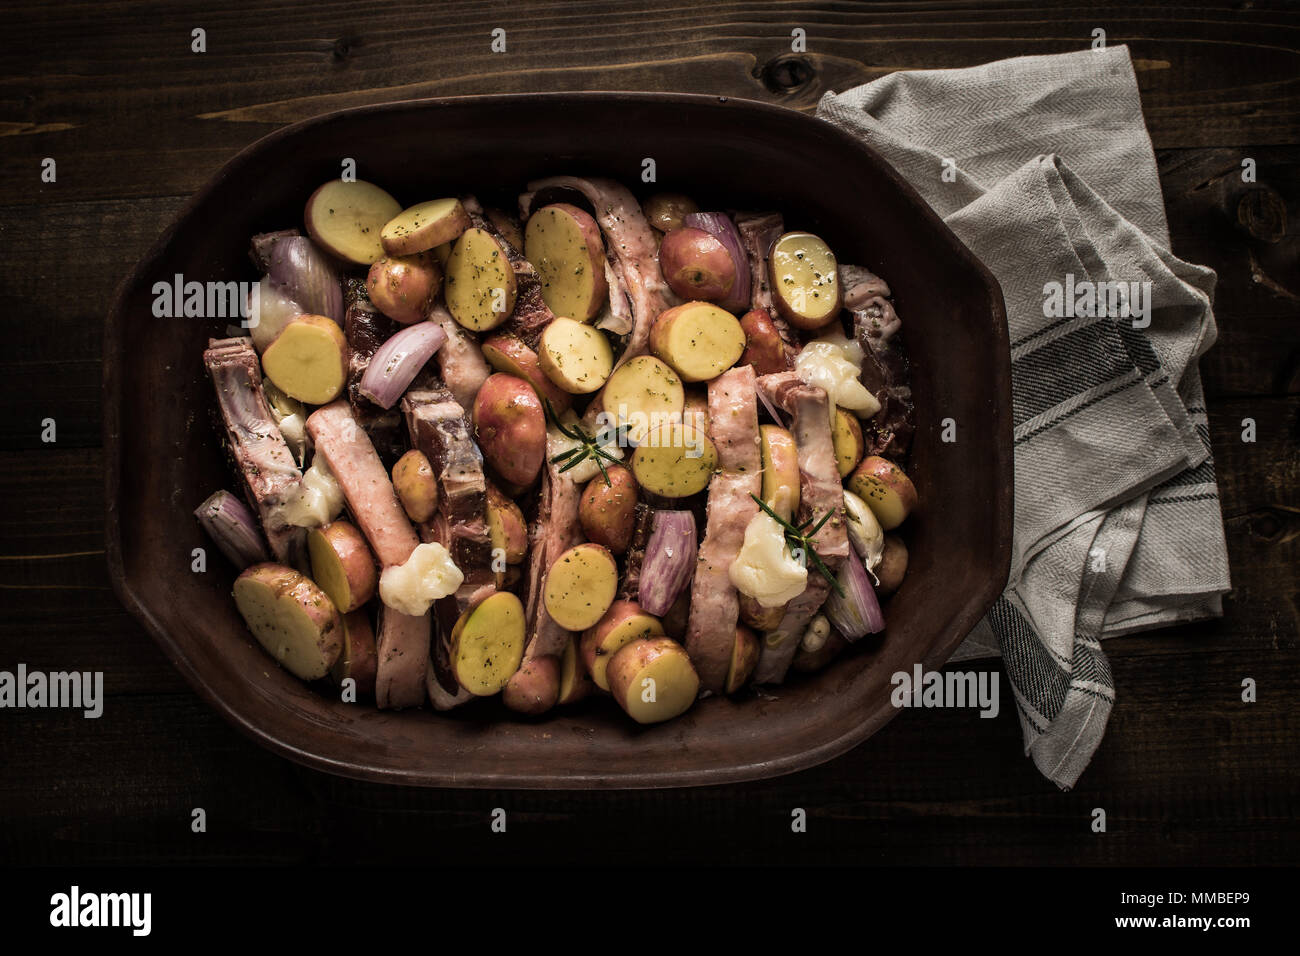 Chuletas de lomo de cordero con verduras en el plato de barro rústico preparado para asar. Copie el espacio. Imagen De Stock